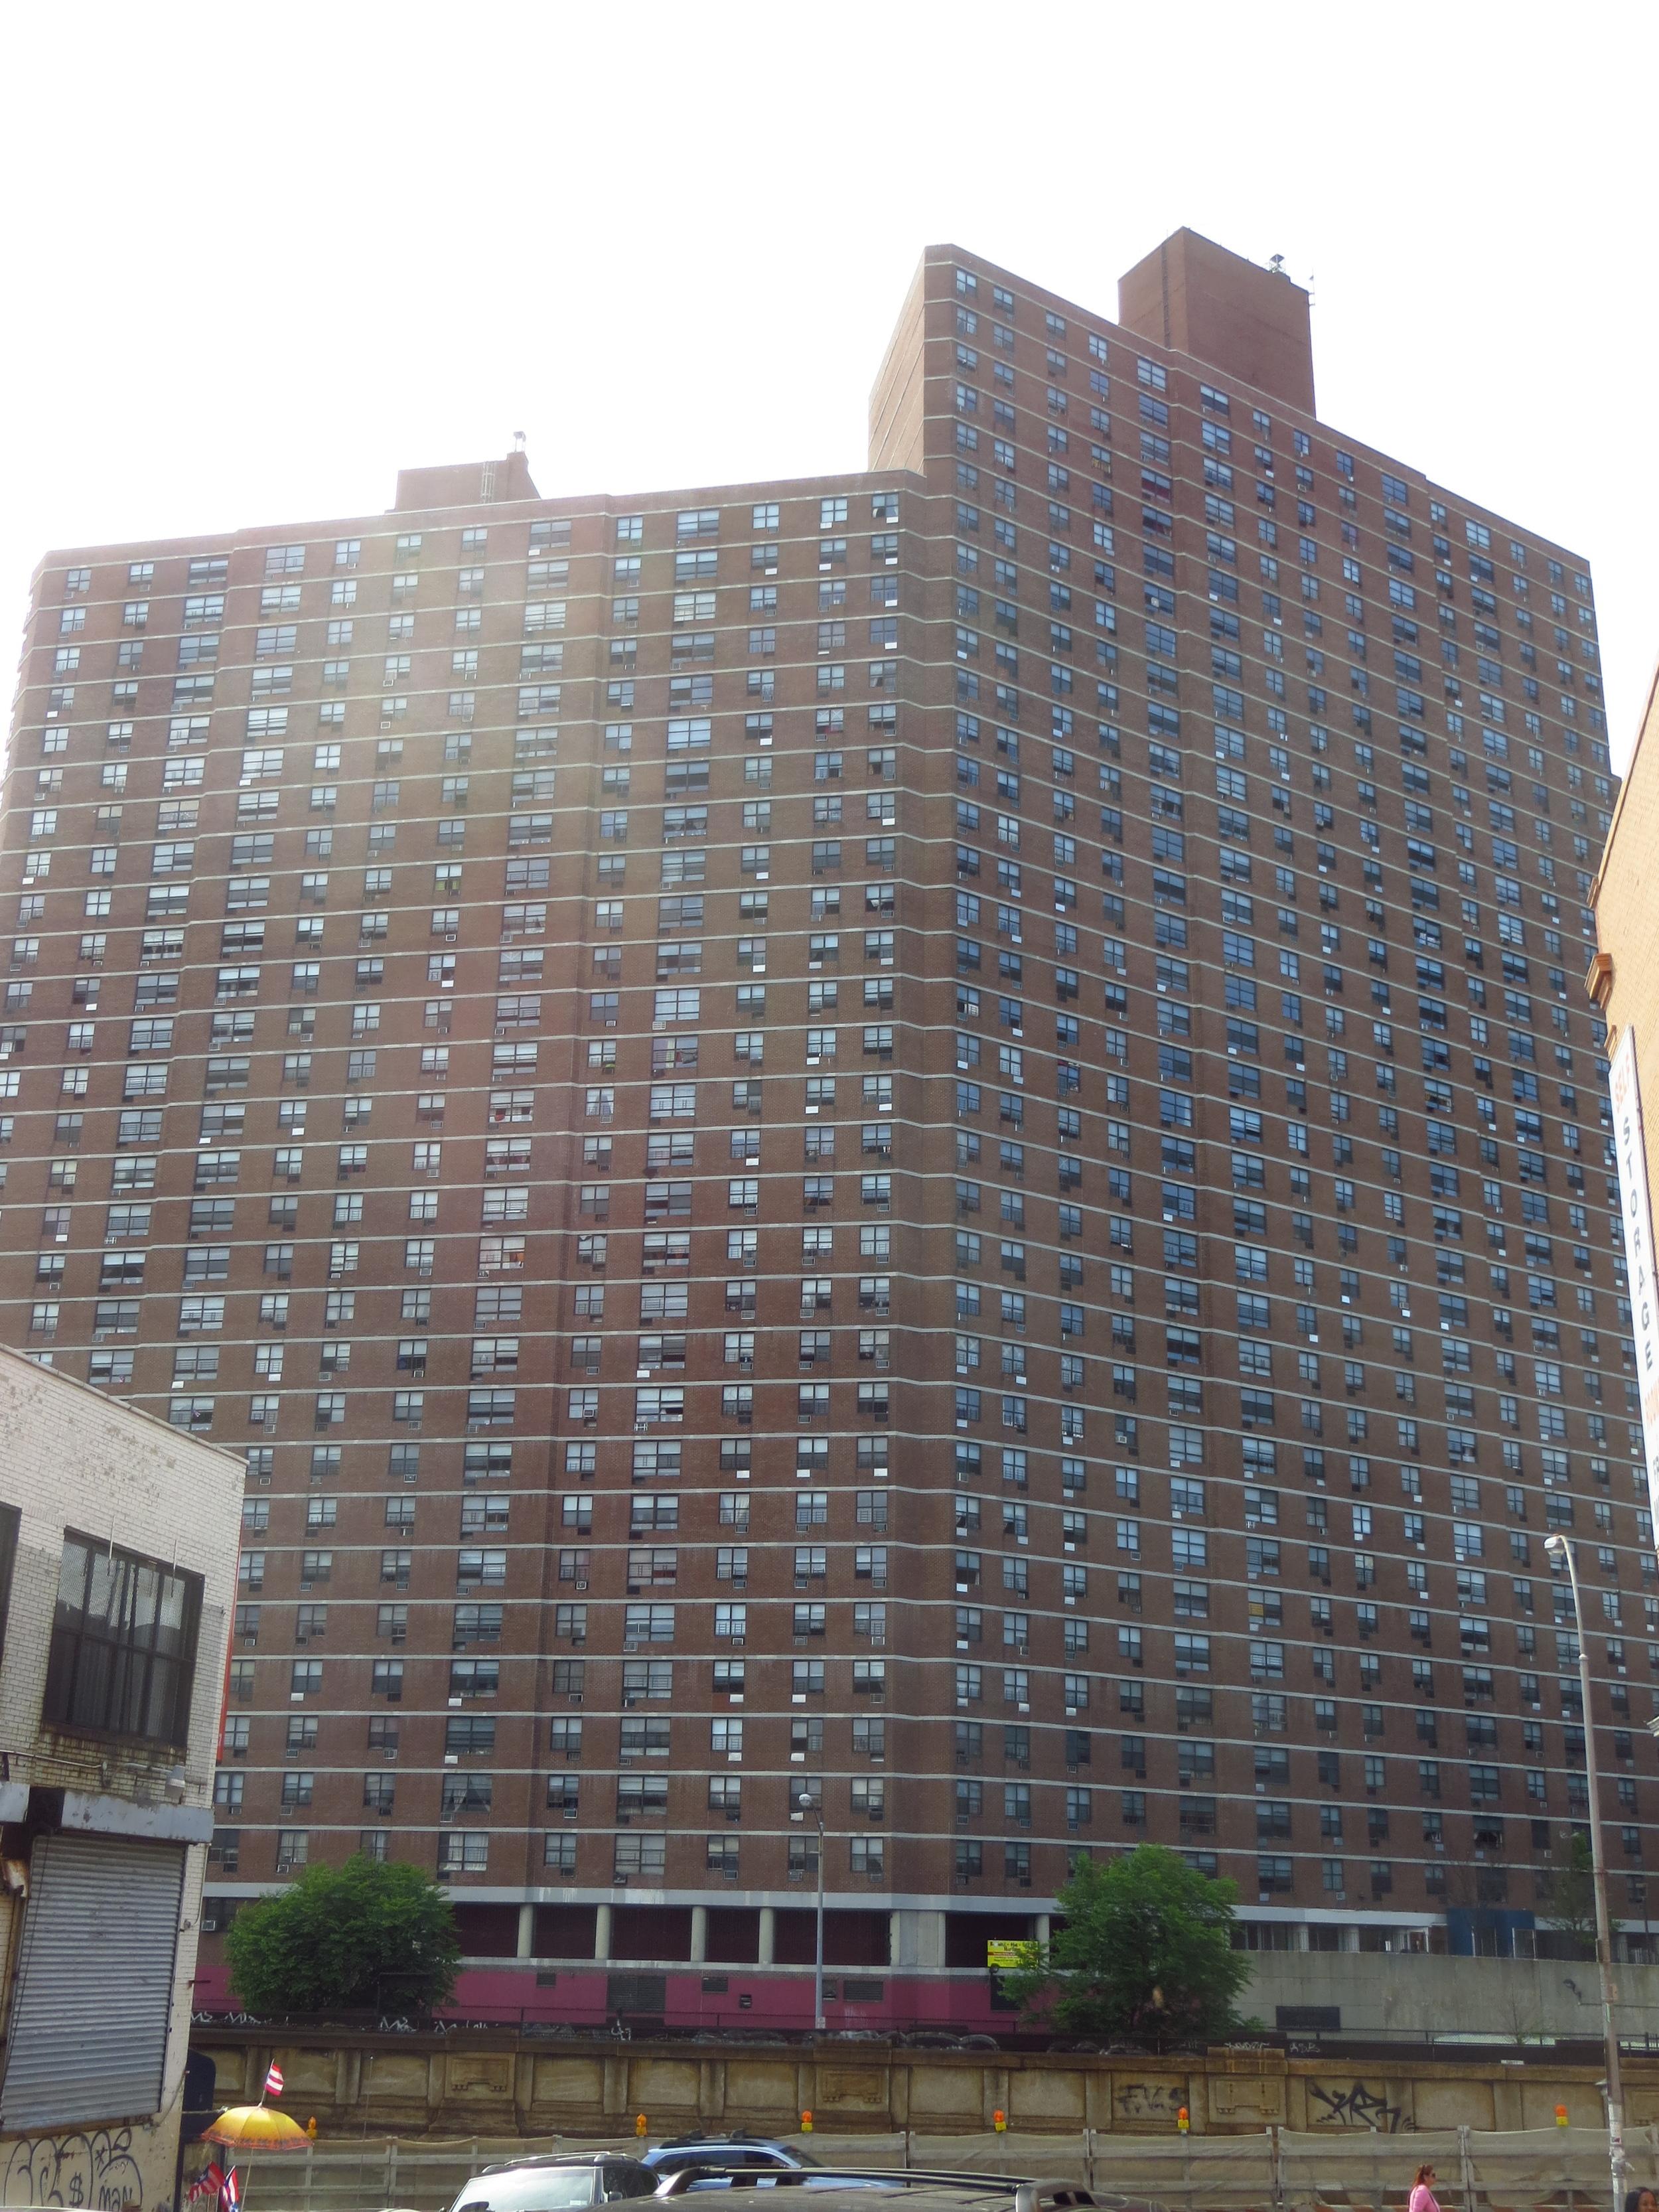 Riverside Park Community apartment complex